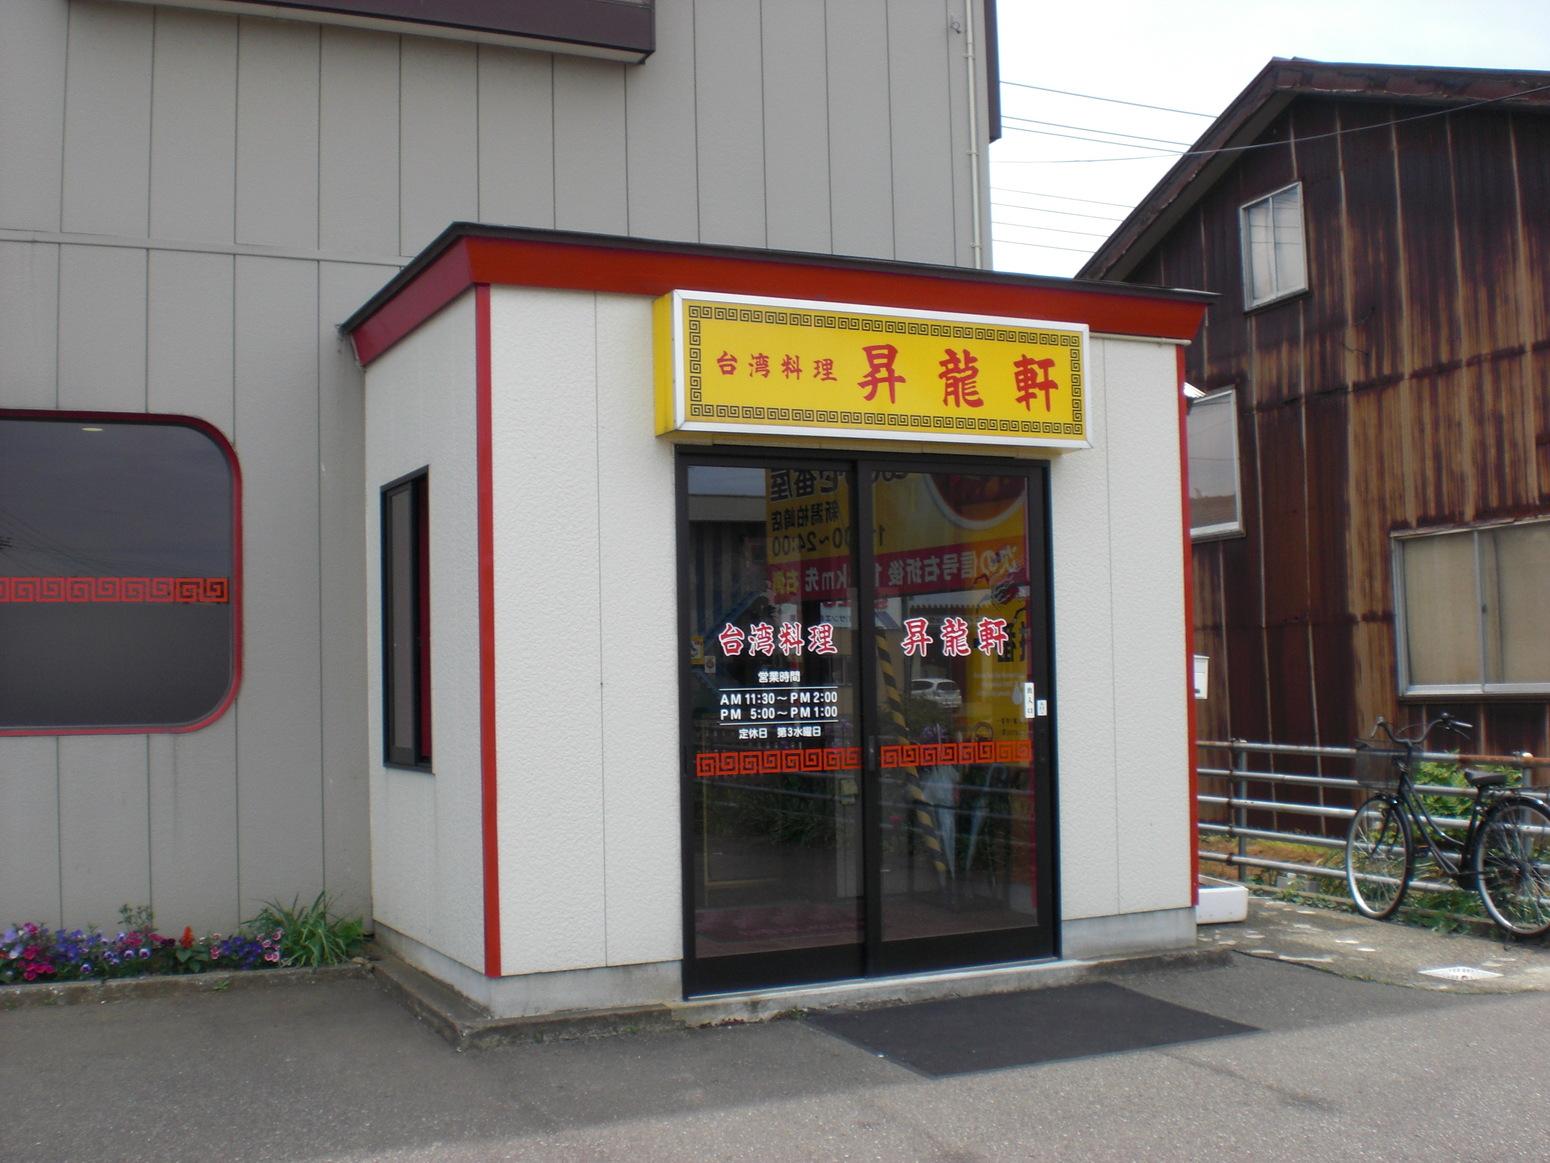 昇龍軒 柏崎北半田店